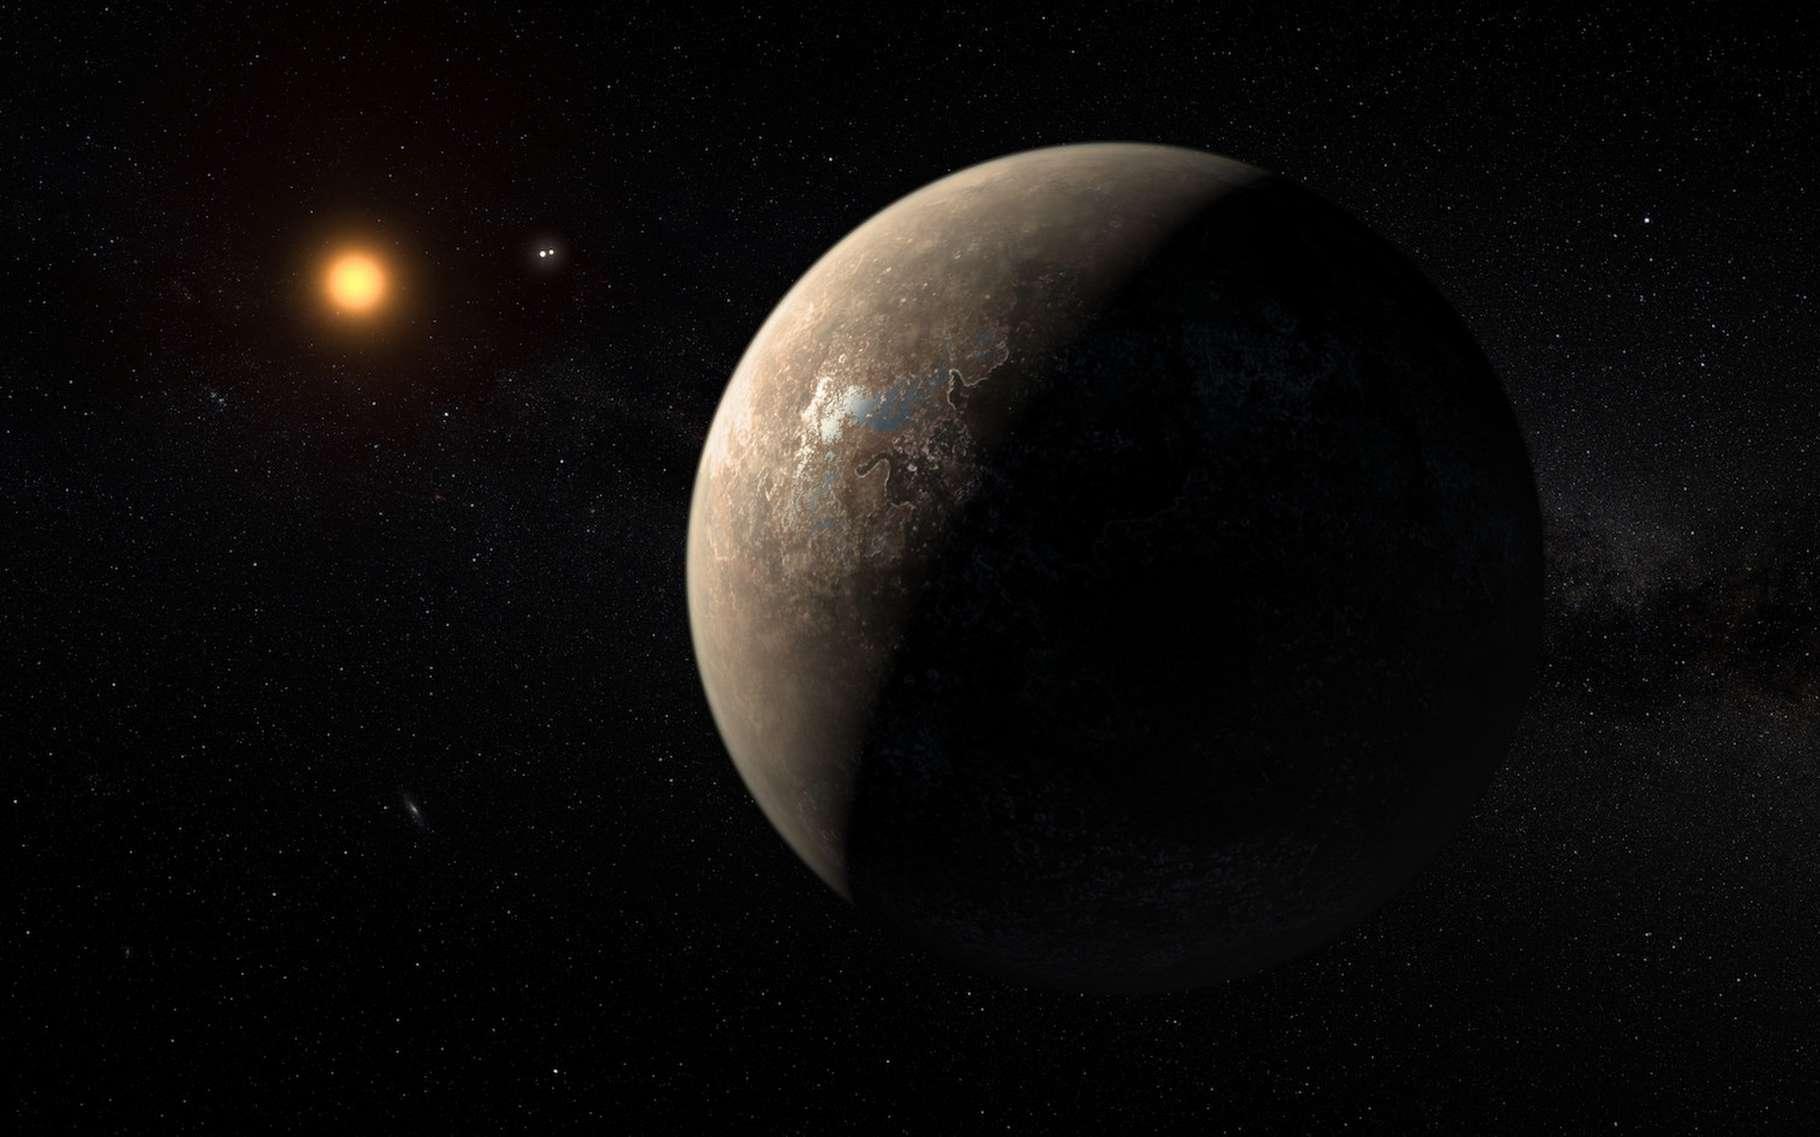 La naine rouge Proxima du Centaure est l'étoile la plus proche de notre Système solaire. Sur cette vue d'artiste, c'est l'exoplanète Proxima b qui est présentée. Avec entre la planète et son étoile, le système d'étoiles doubles Alpha Centauri AB. Mais c'est de l'existence d'une deuxième exoplanète autour de Proxima du Centaure que des astronomes pourraient aujourd'hui avoir obtenu confirmation. © M. Kornmesser, ESO